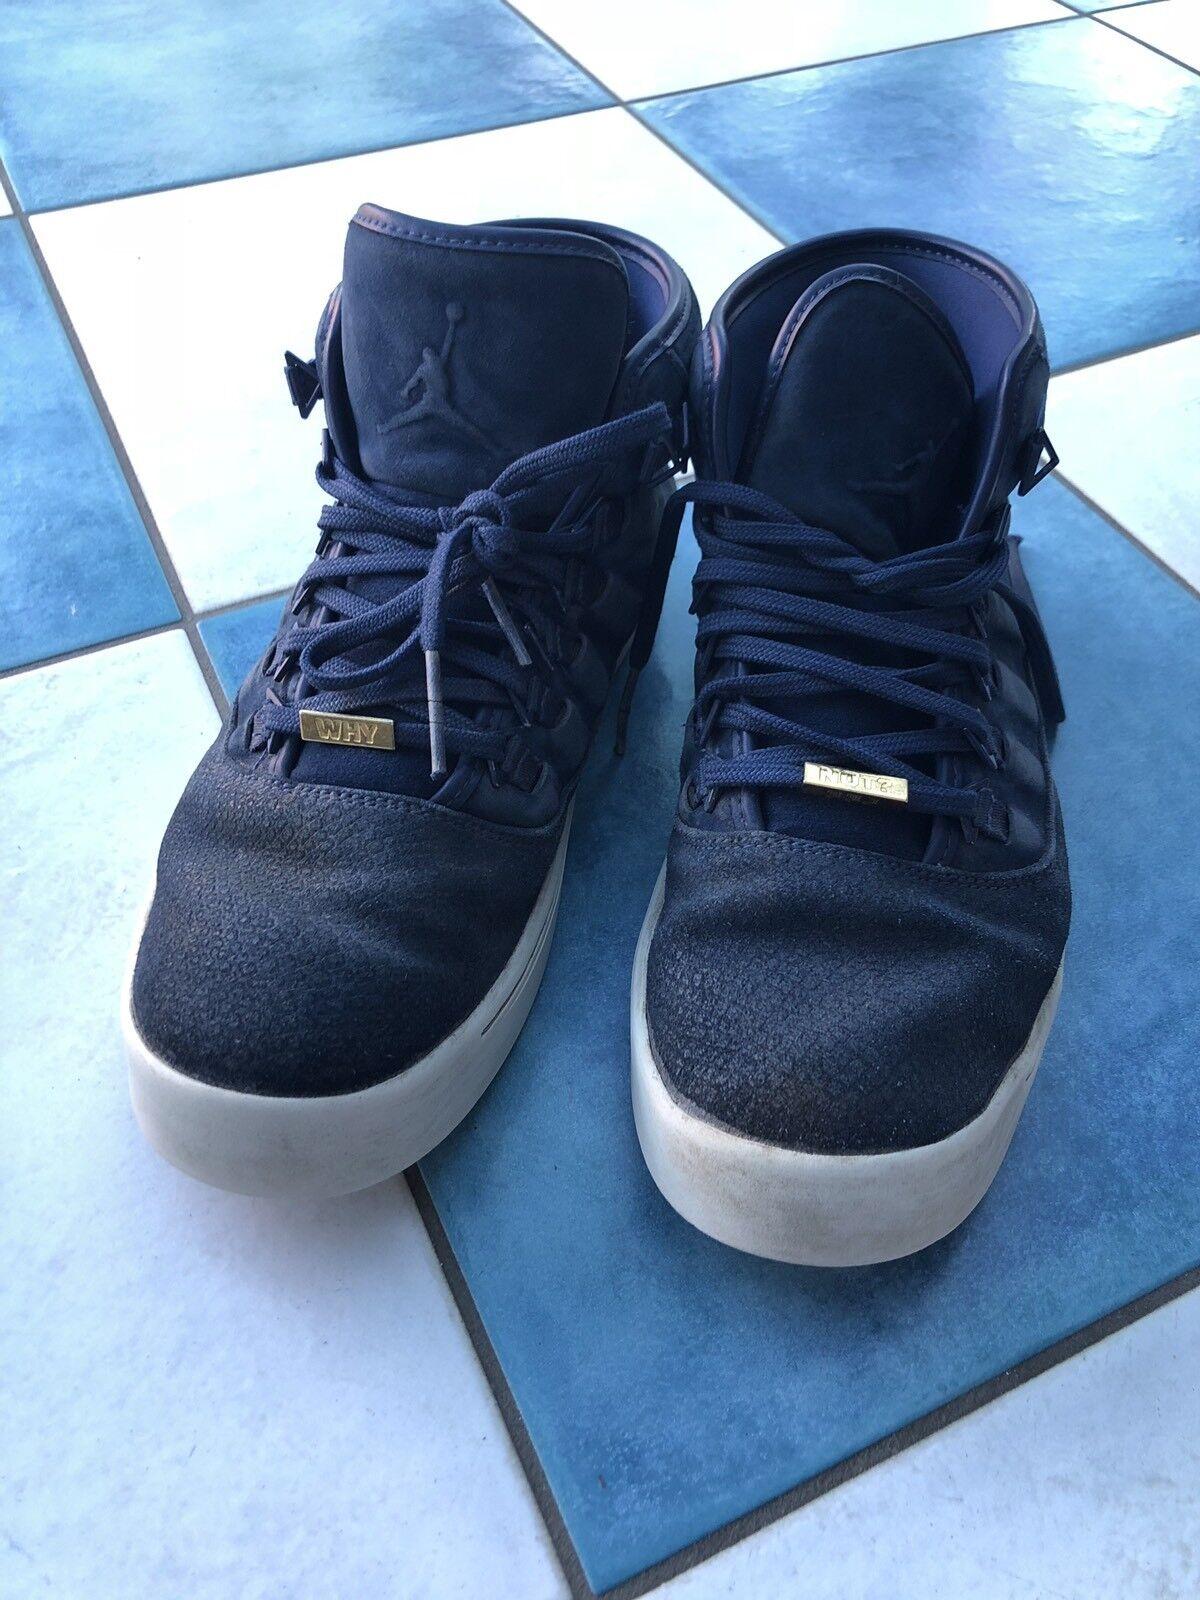 Jordans Schuhe Why Not In Blau, Gr 44